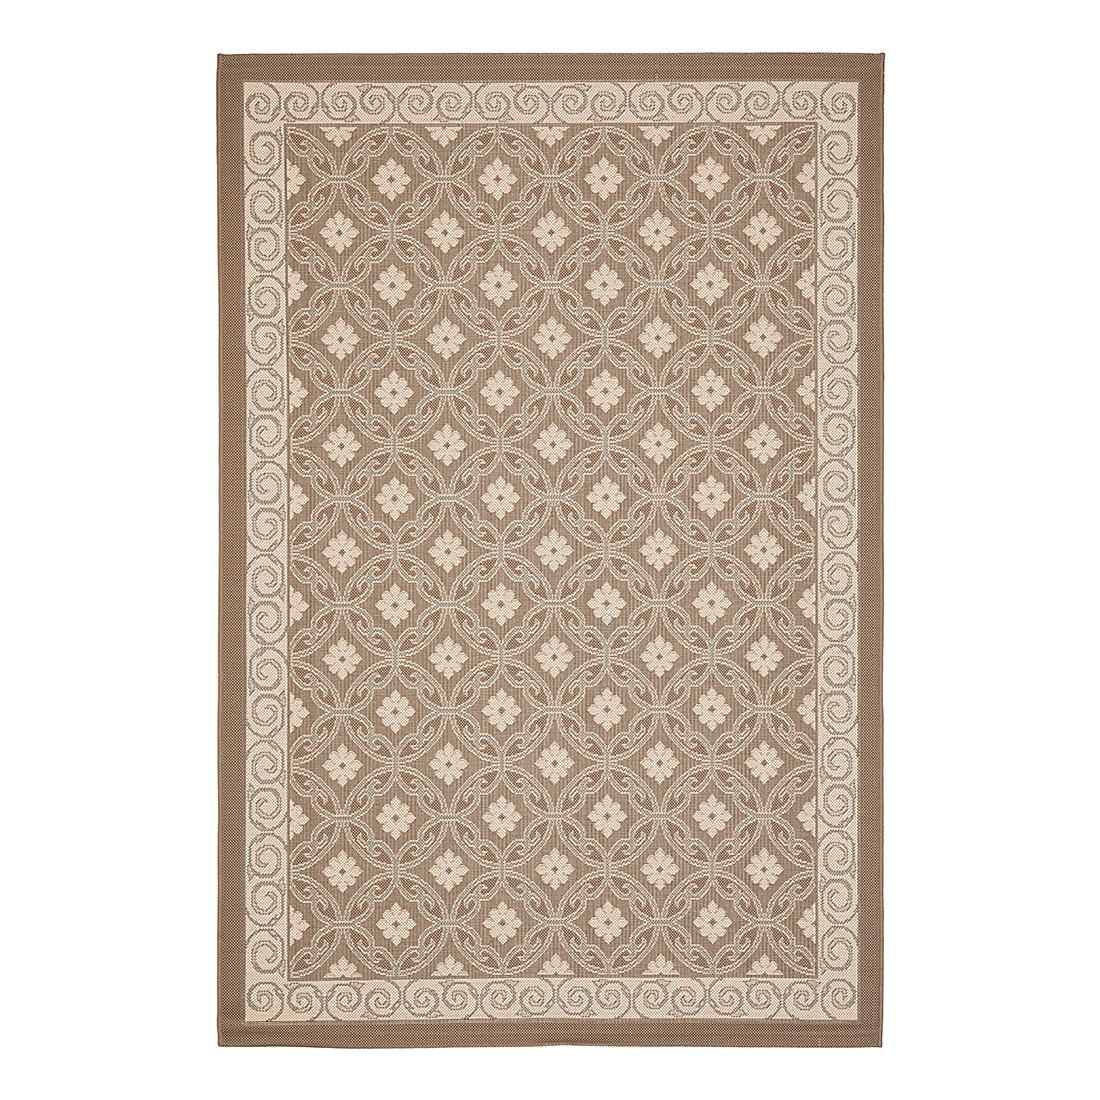 In-/Outdoorteppich Theodore – Dunkelbeige/Beige – Maße:  160 x 231  cm, Safavieh günstig bestellen